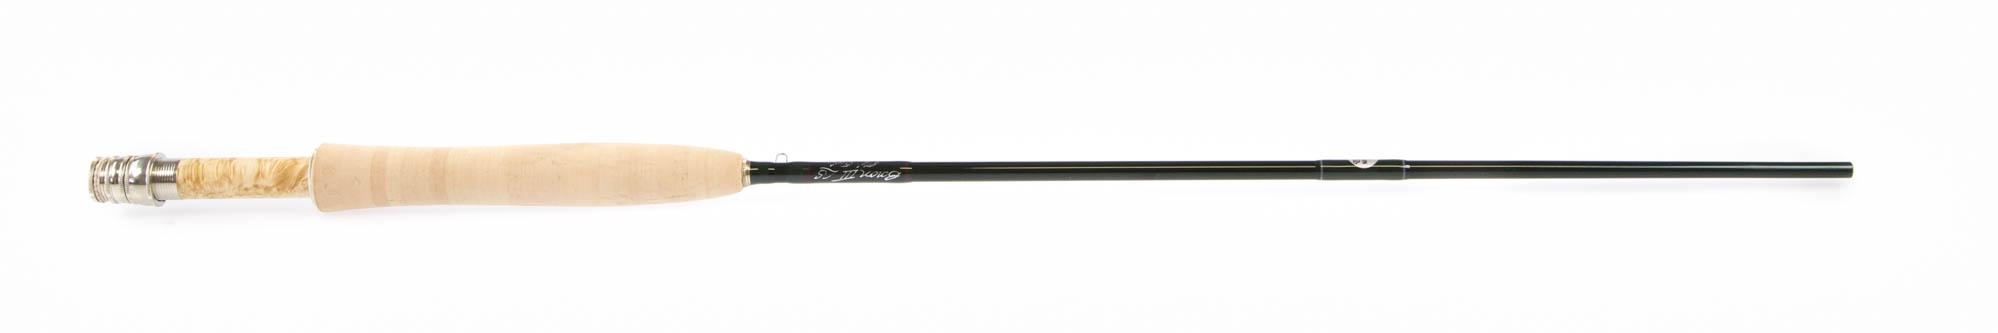 Winston Boron III LS Fly Rod 600